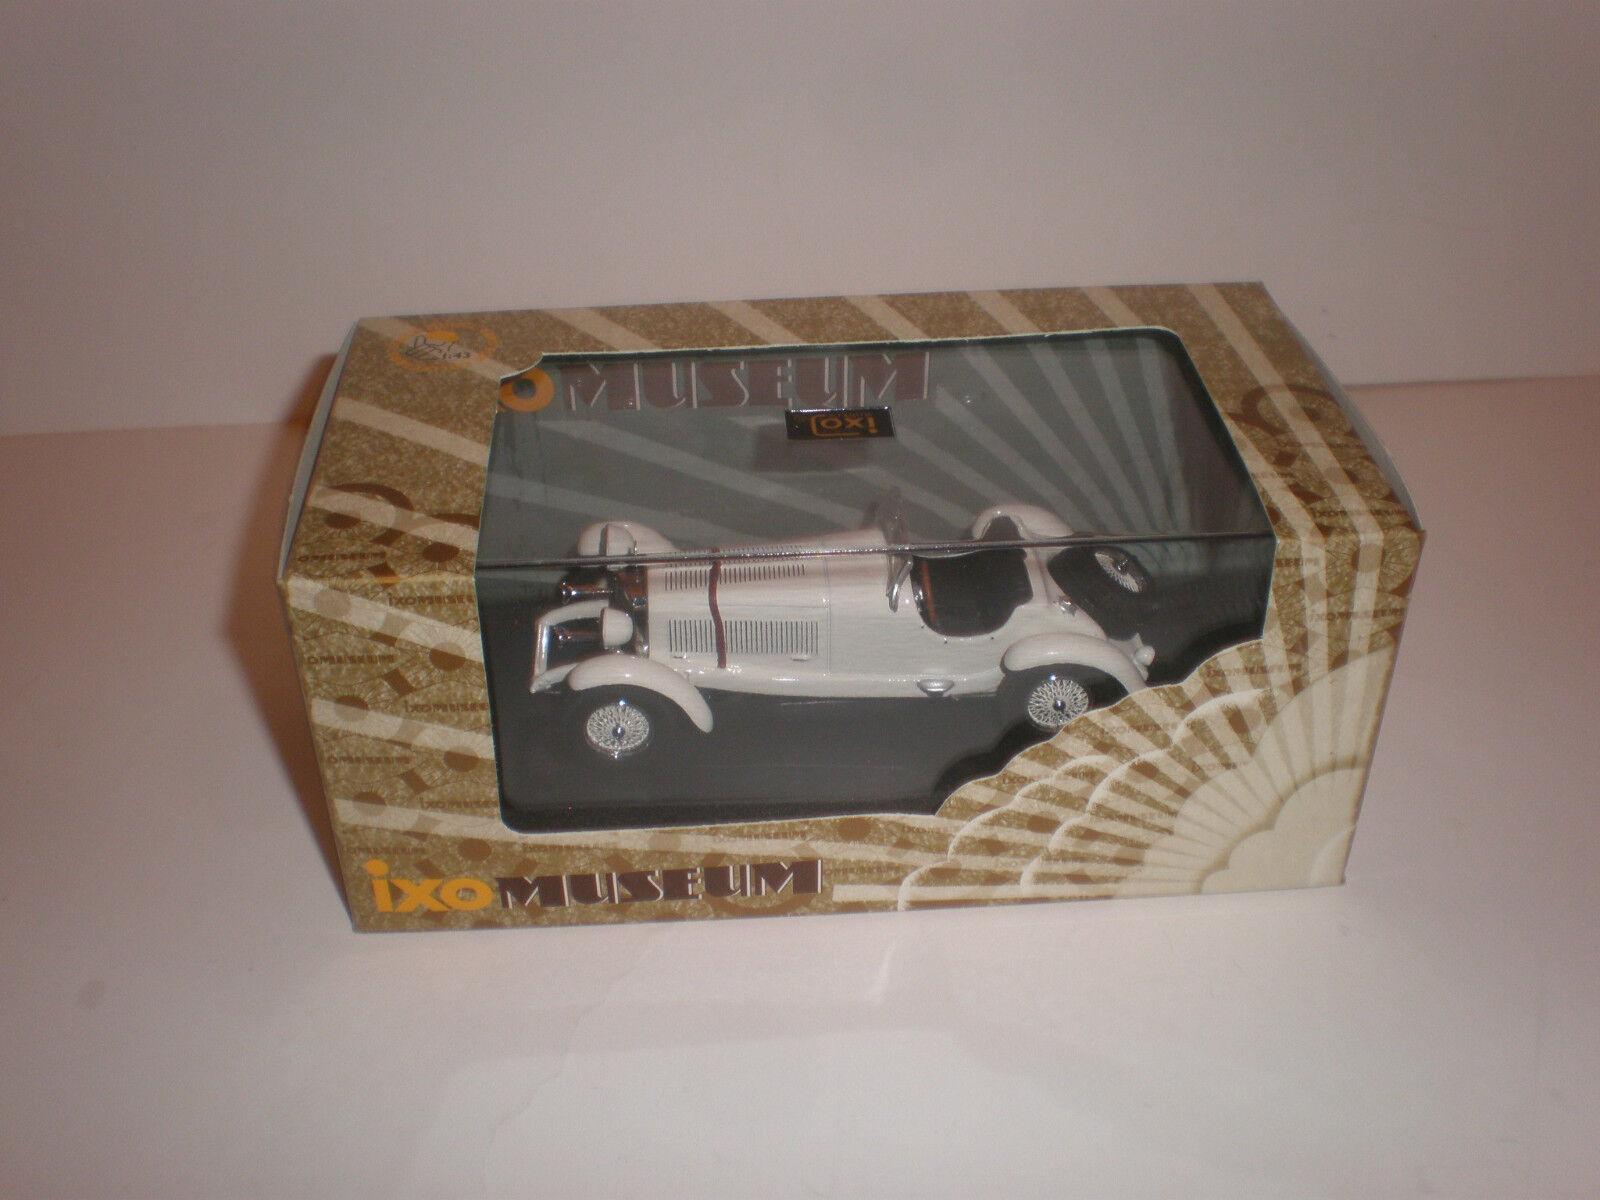 precios razonables 1 43 1928 Mercedes Benz Benz Benz SSK Ixo Museum Mus 016  Mejor precio